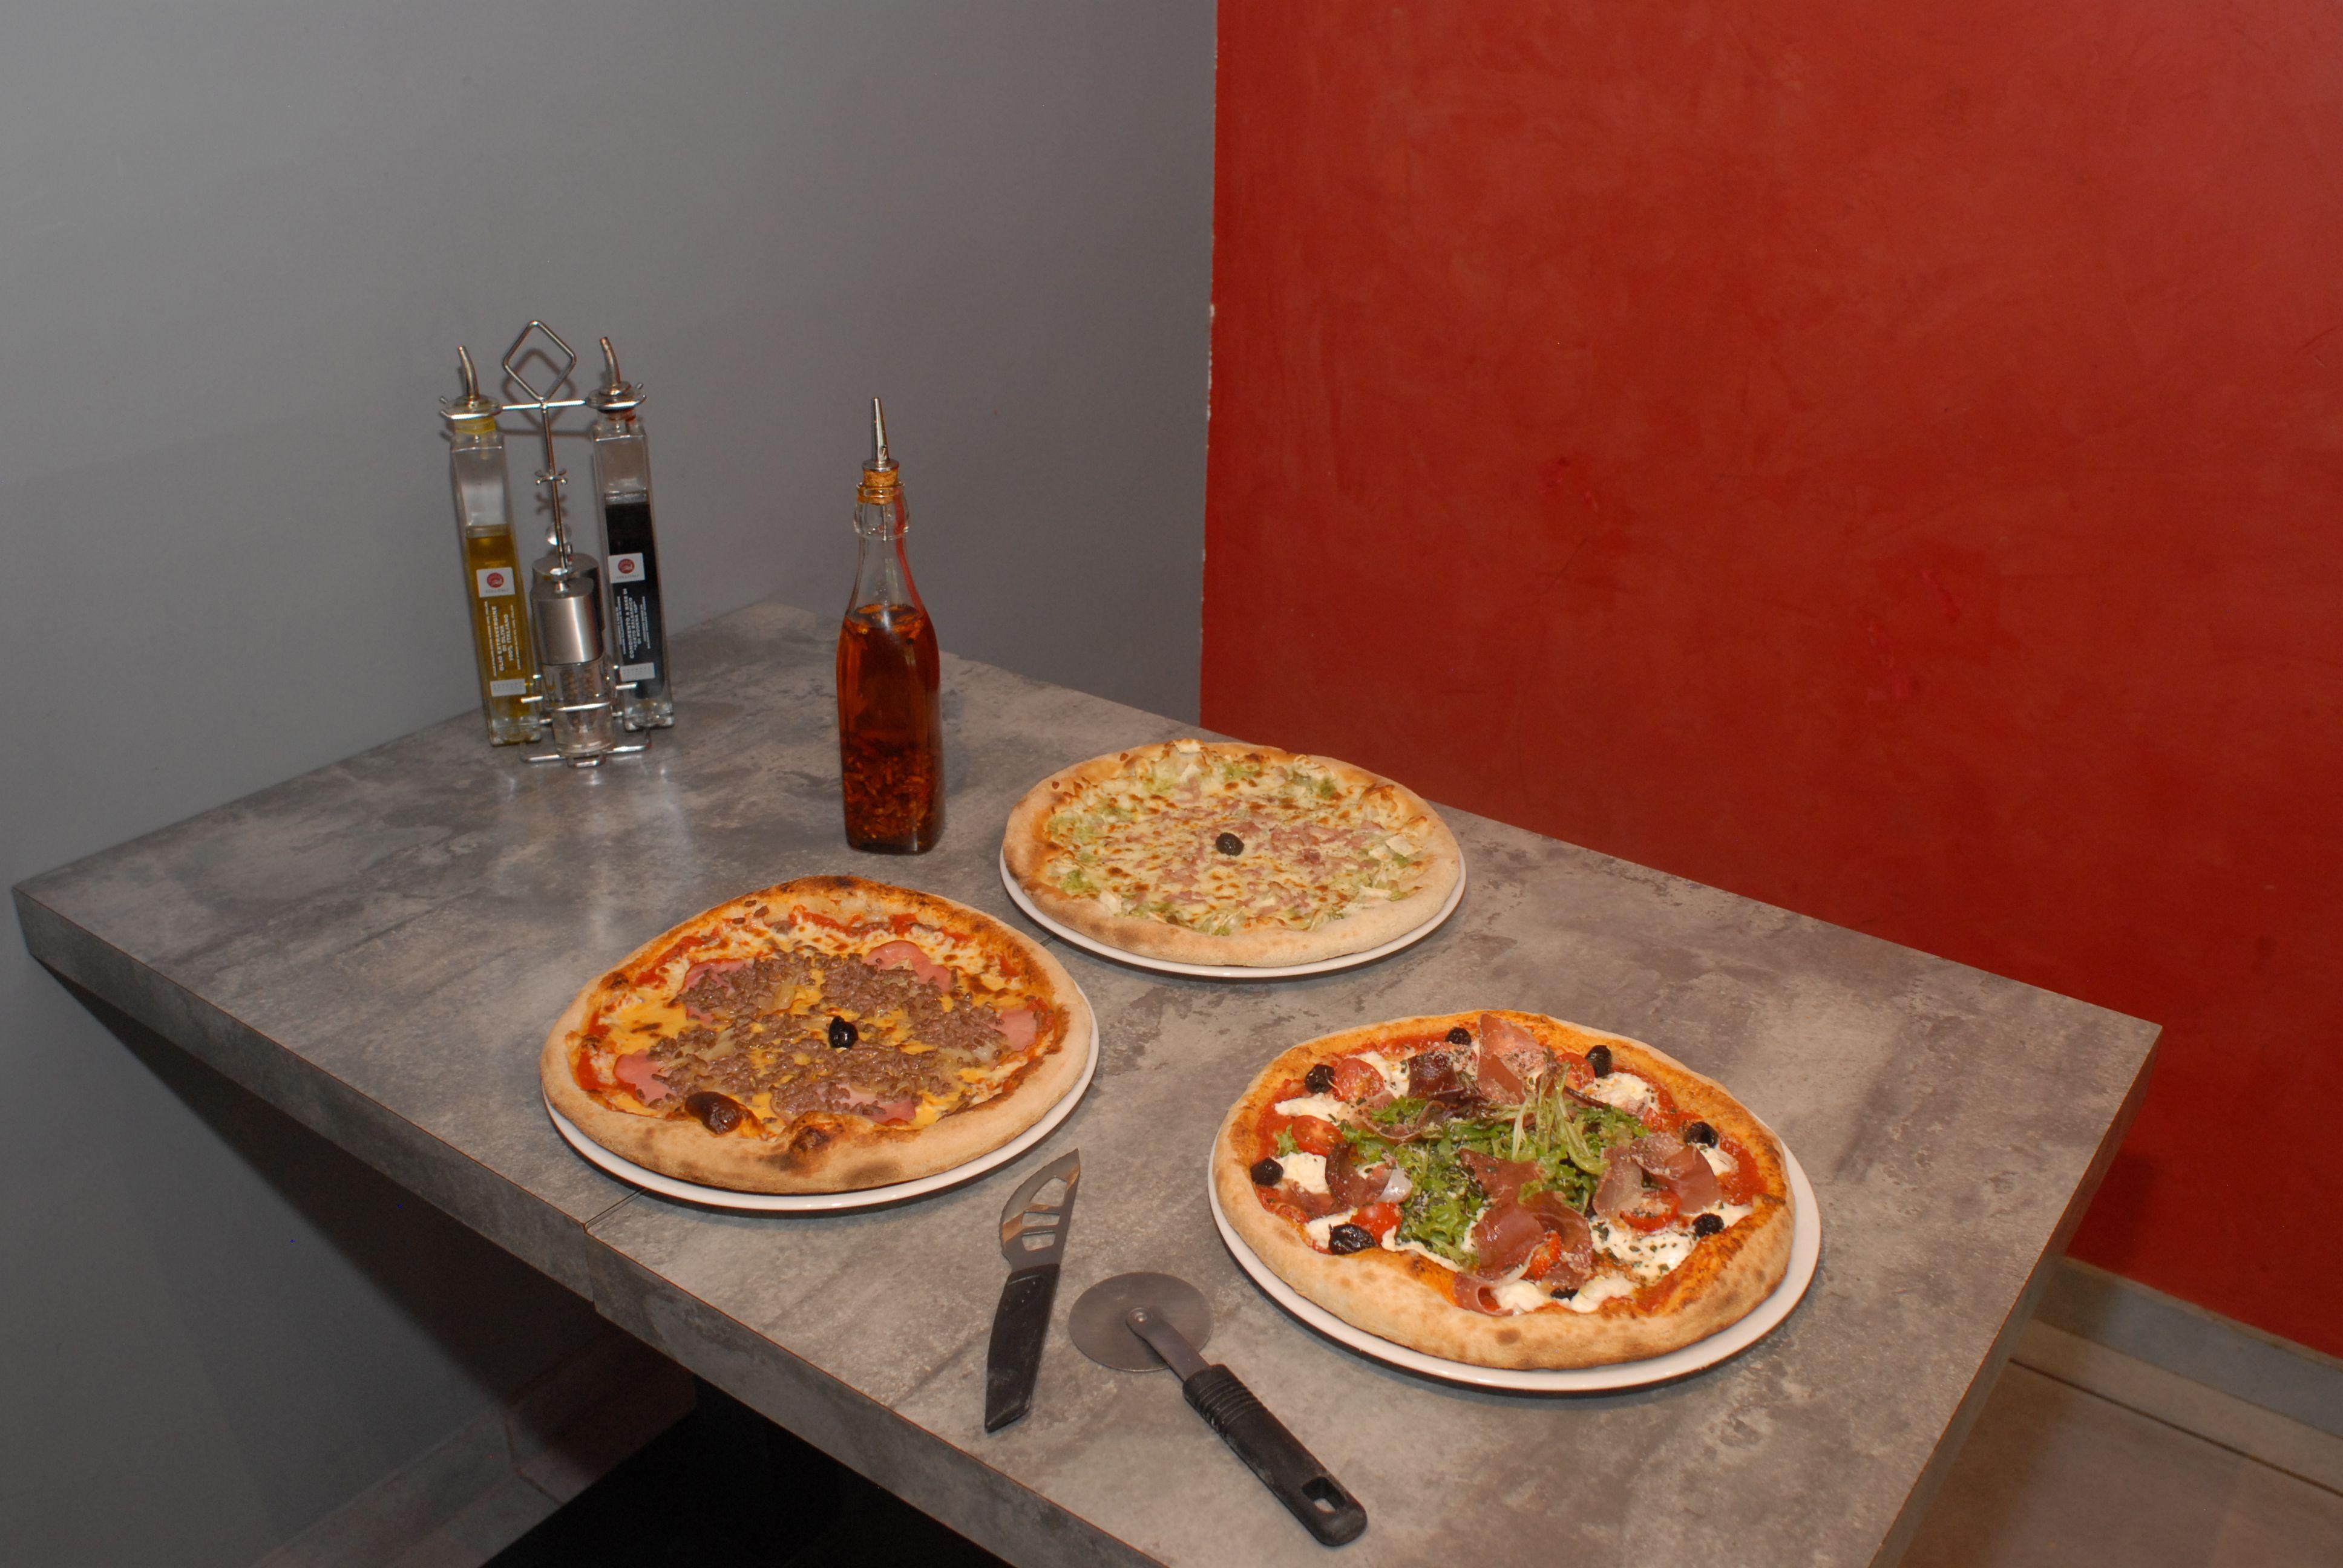 restaurant-pizzeria-echirolles-pizza-trio